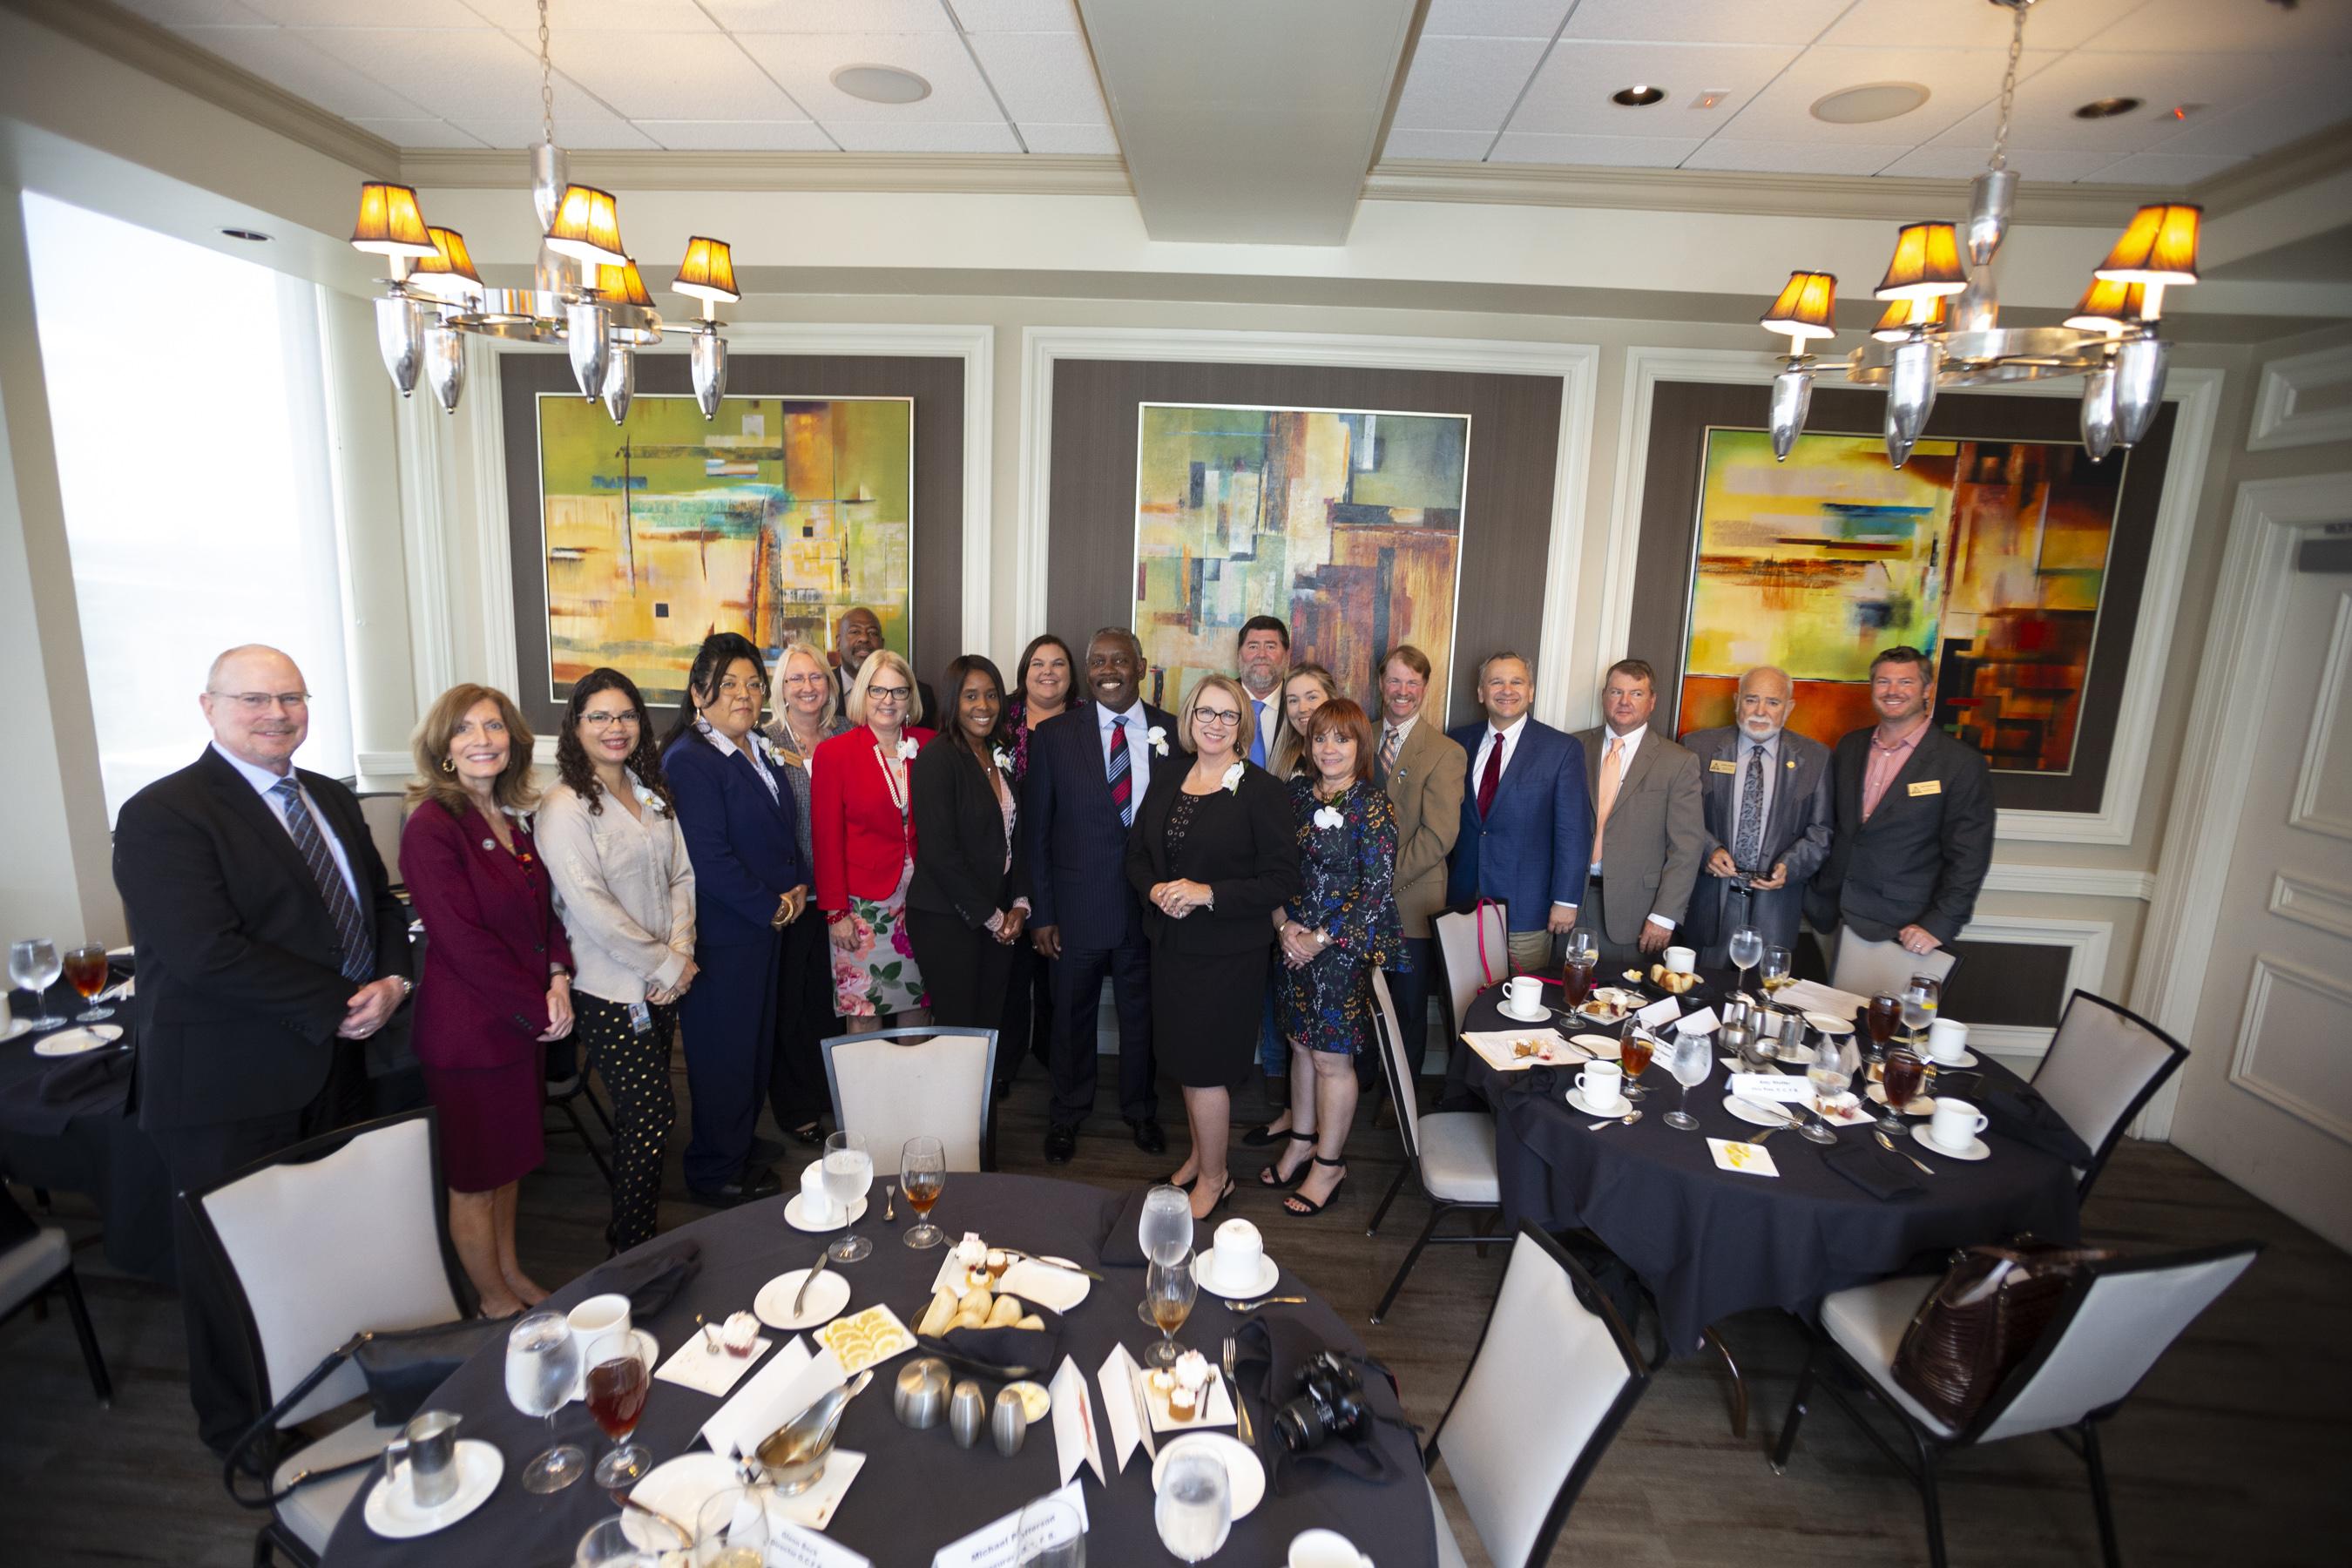 Líderes del Condado de Orange y miembros de la Junta de Comisionados del Condado posan para la foto